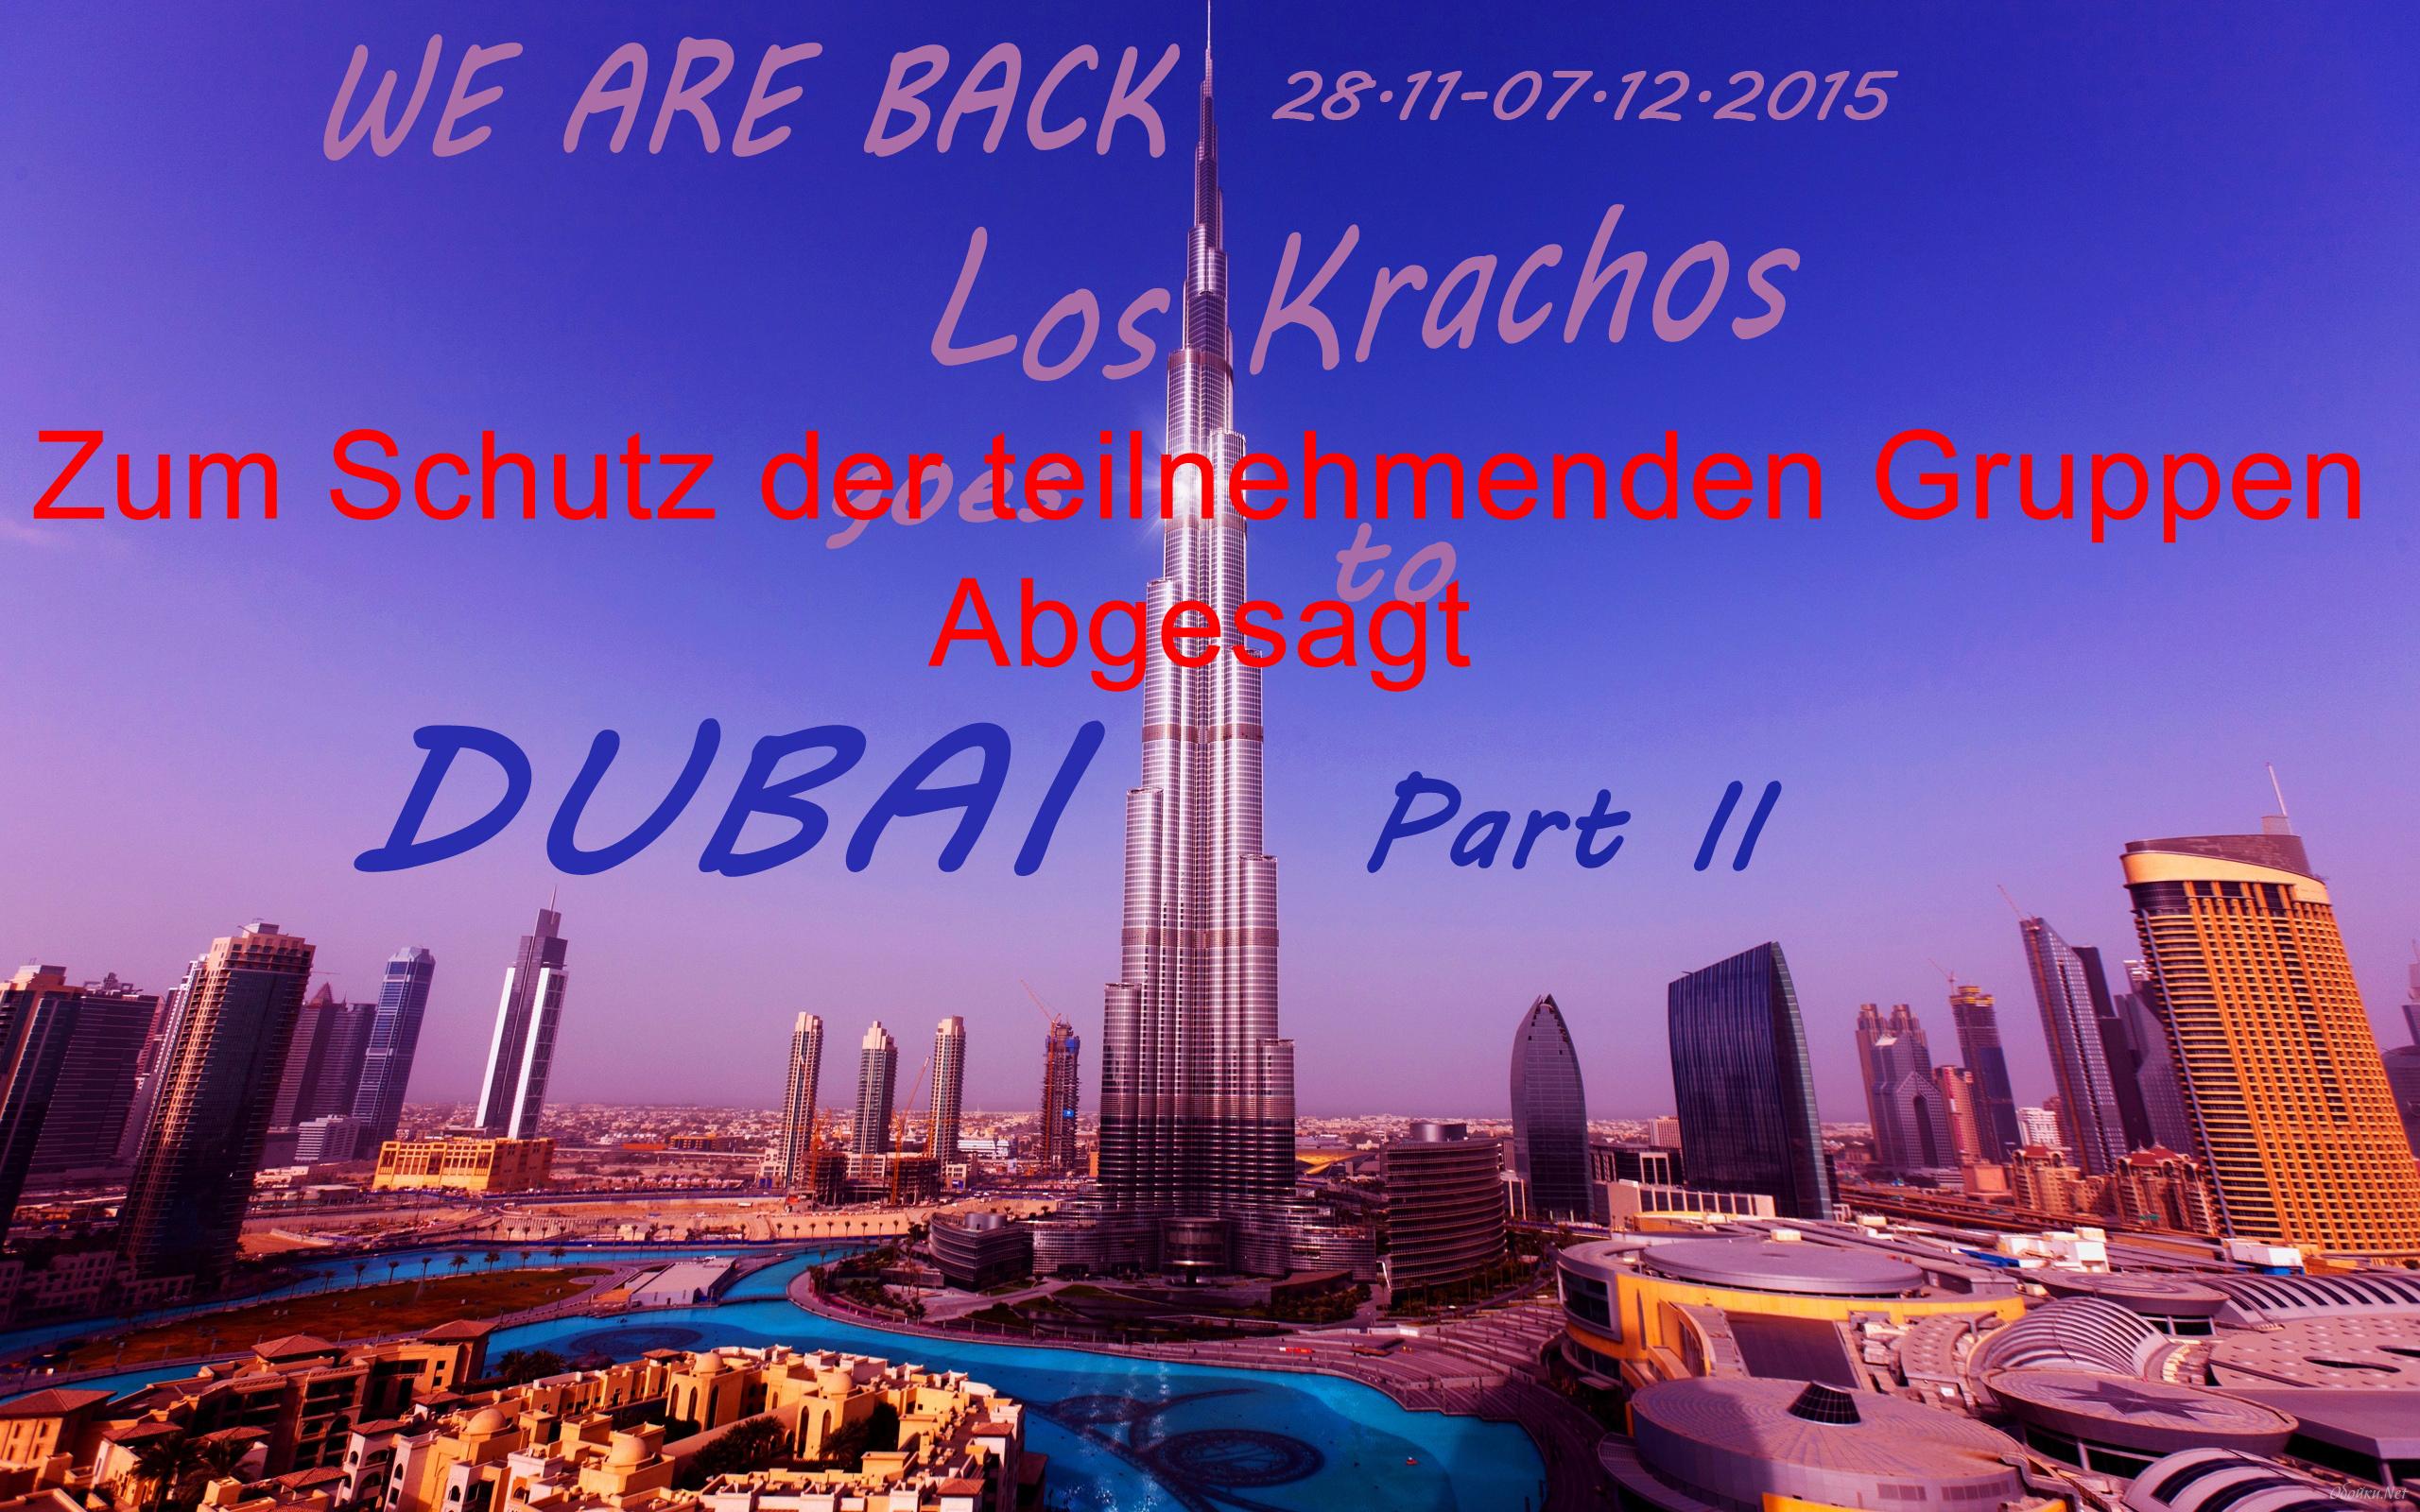 Dubai Part 2 Absage